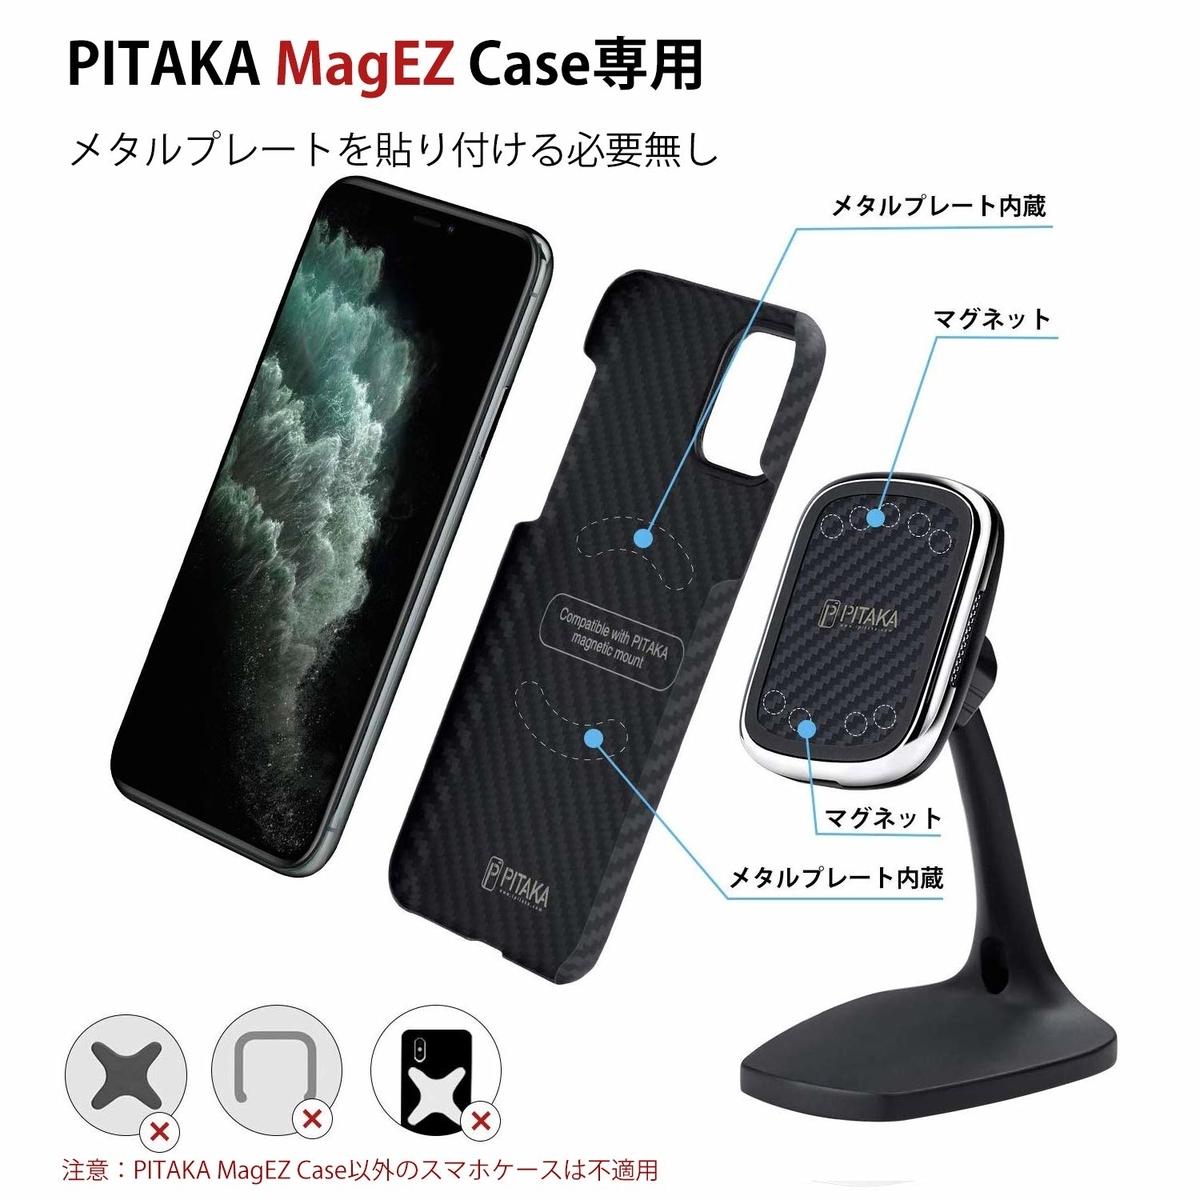 f:id:hyzuki:20191121122153j:plain